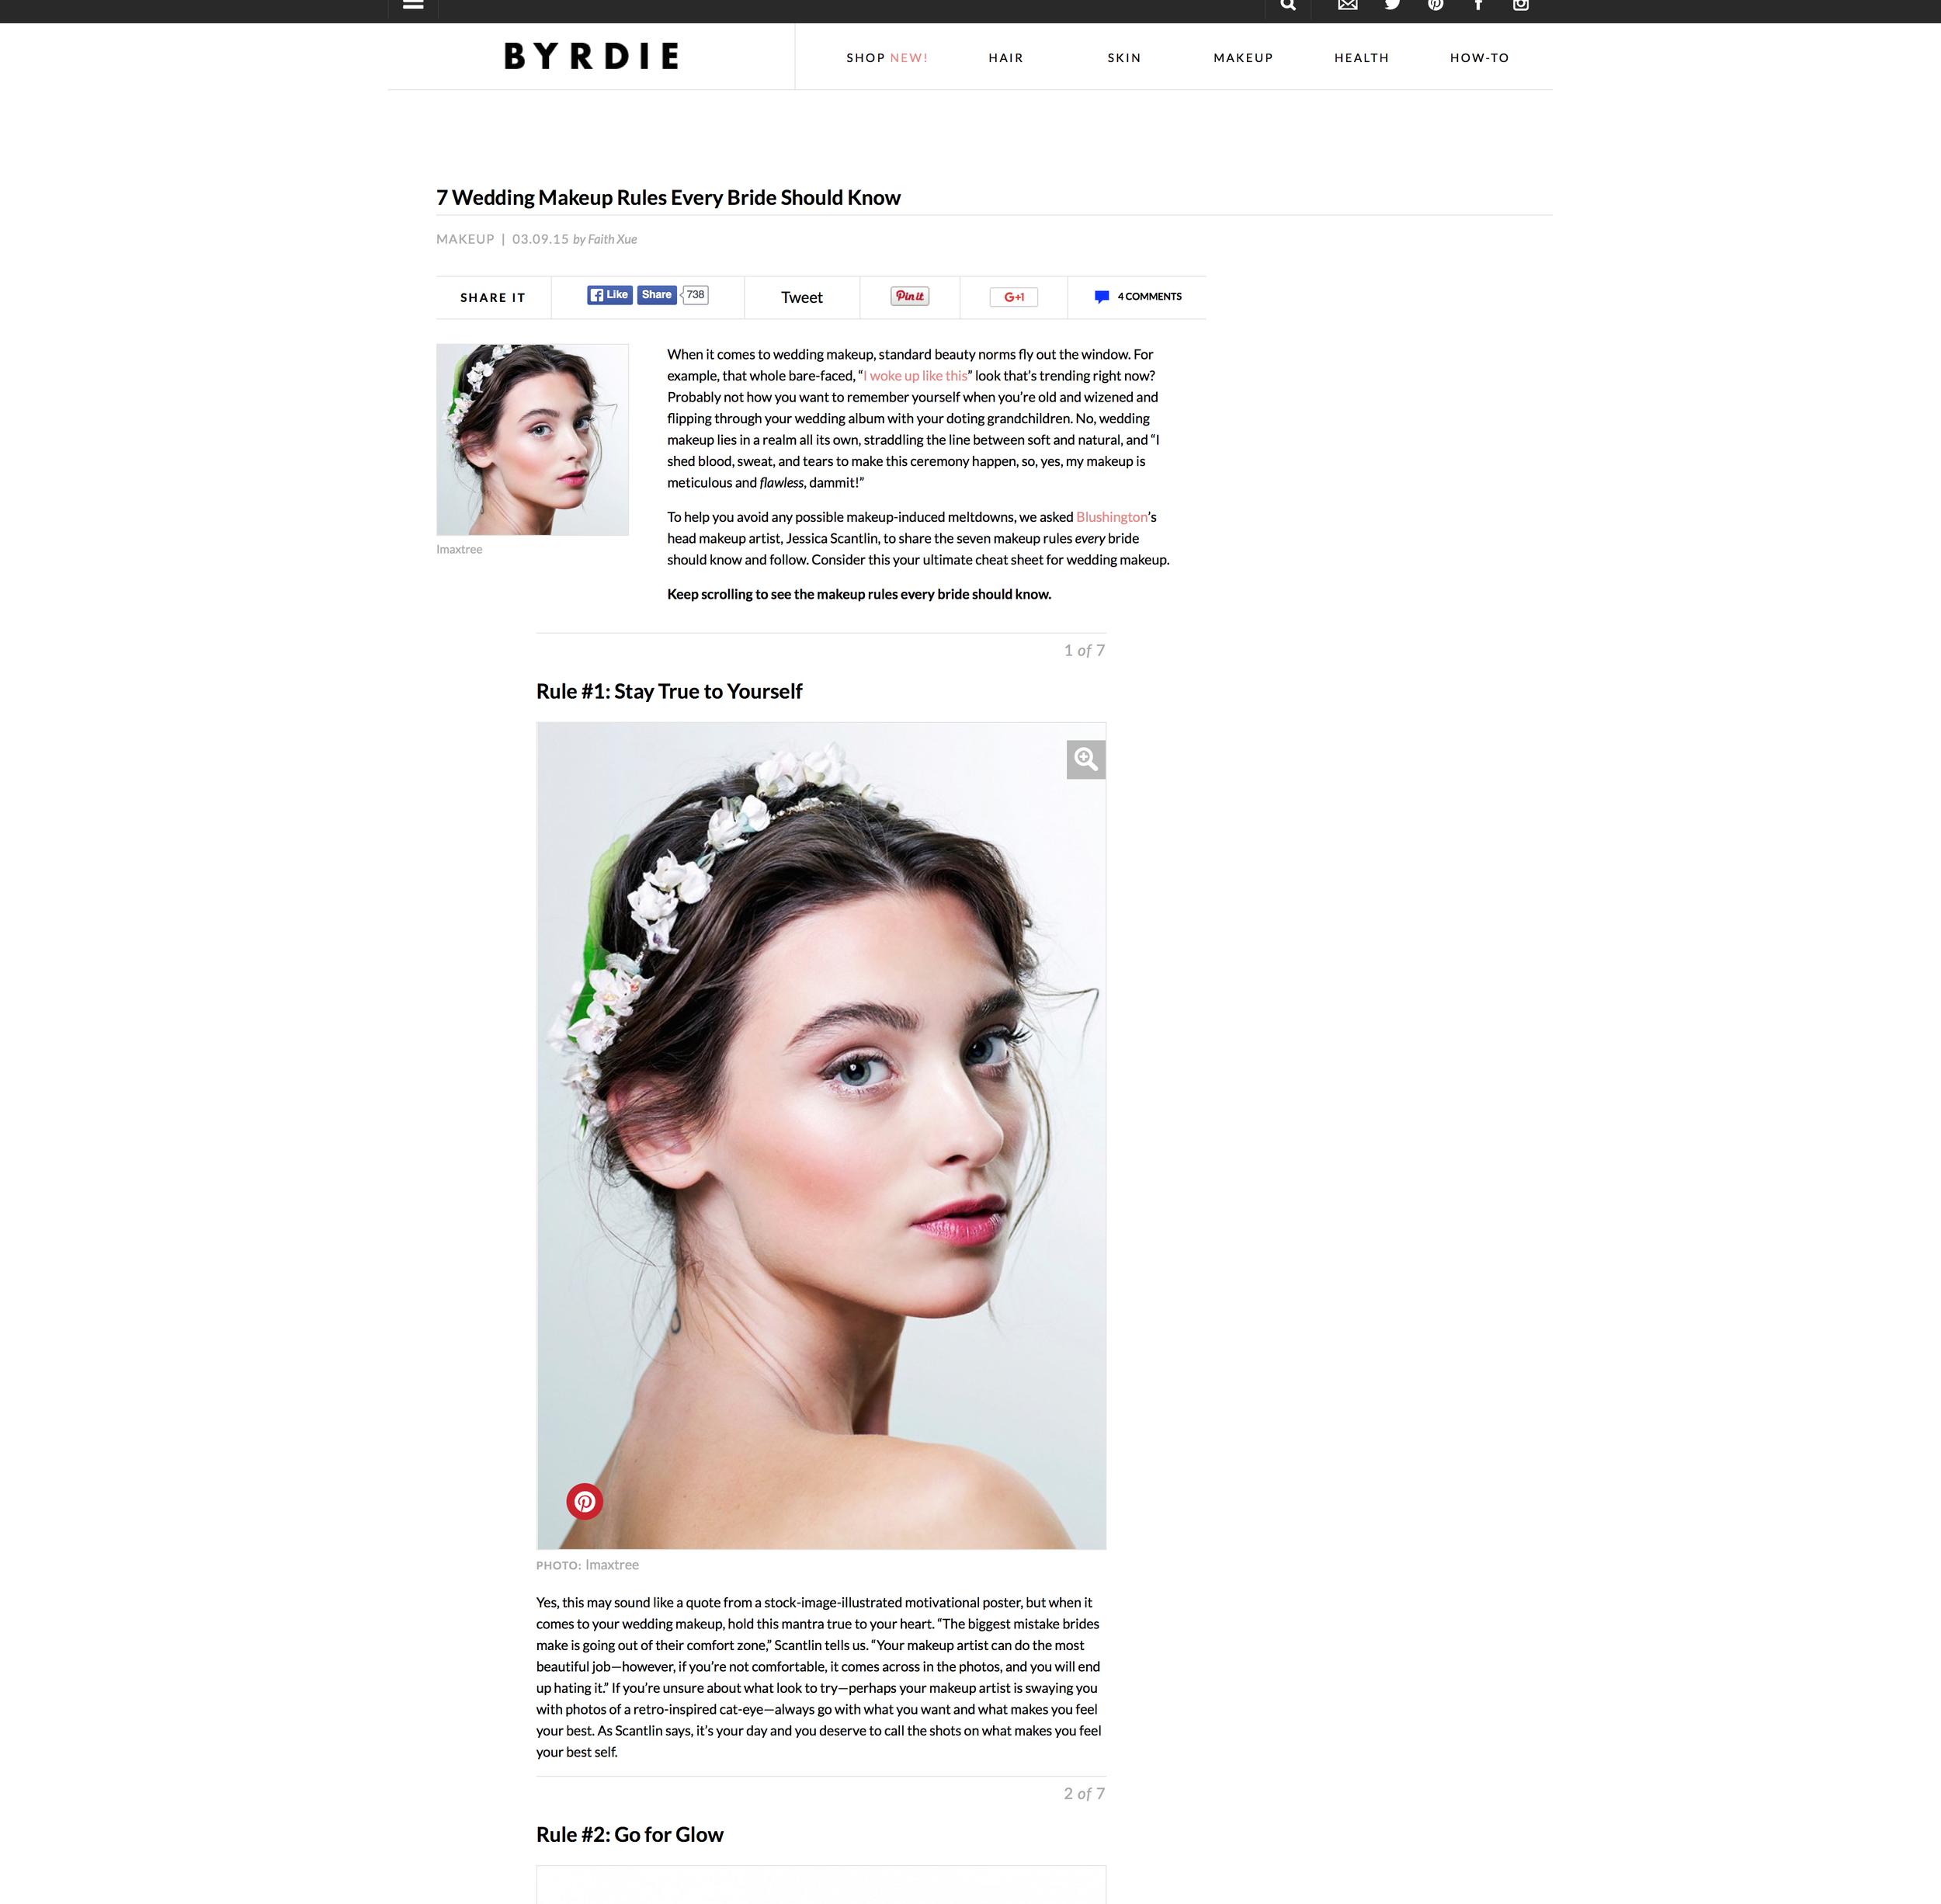 7 Wedding Makeup Rules Every Bride Should Know | Byrdie.com (20150905).jpg